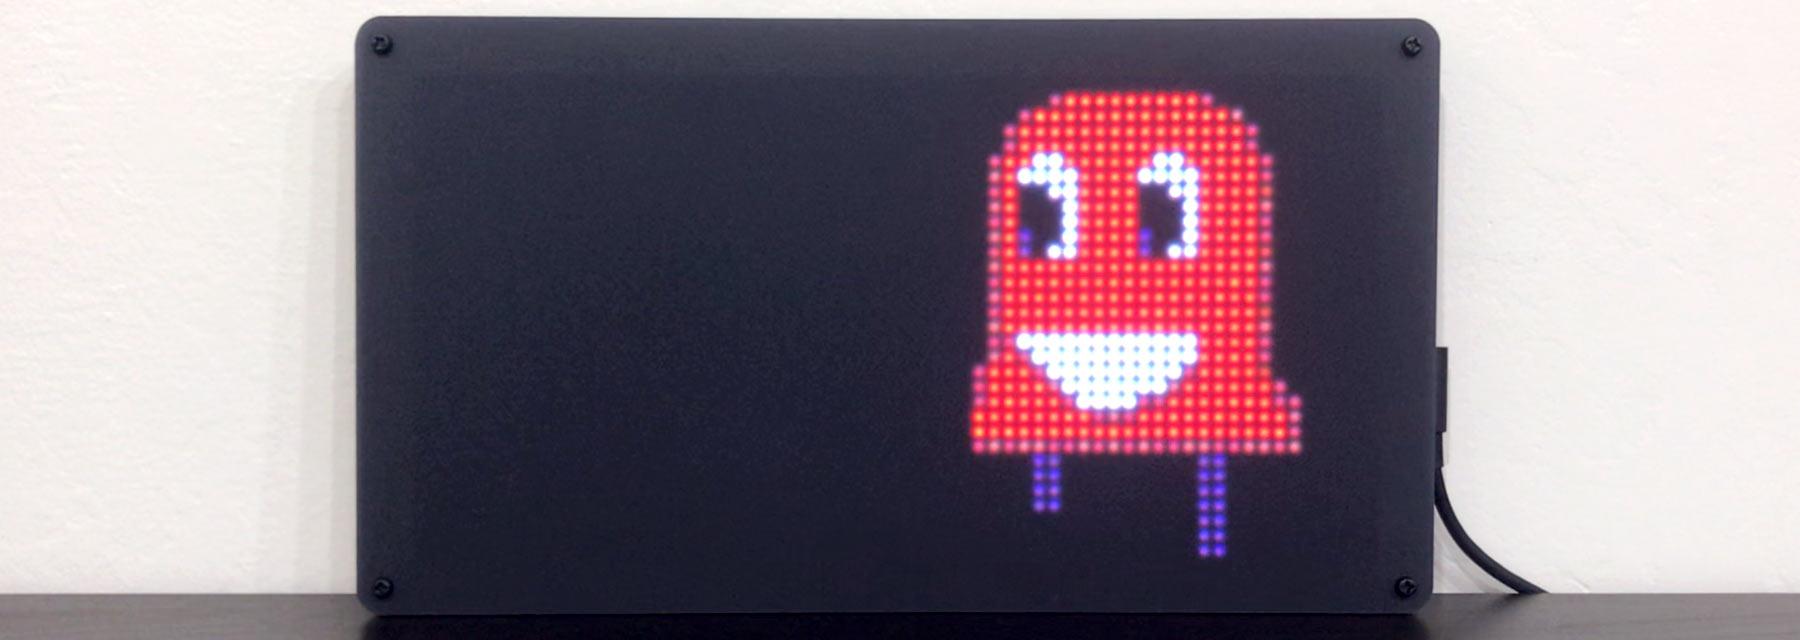 led_matrices_ruby.jpg